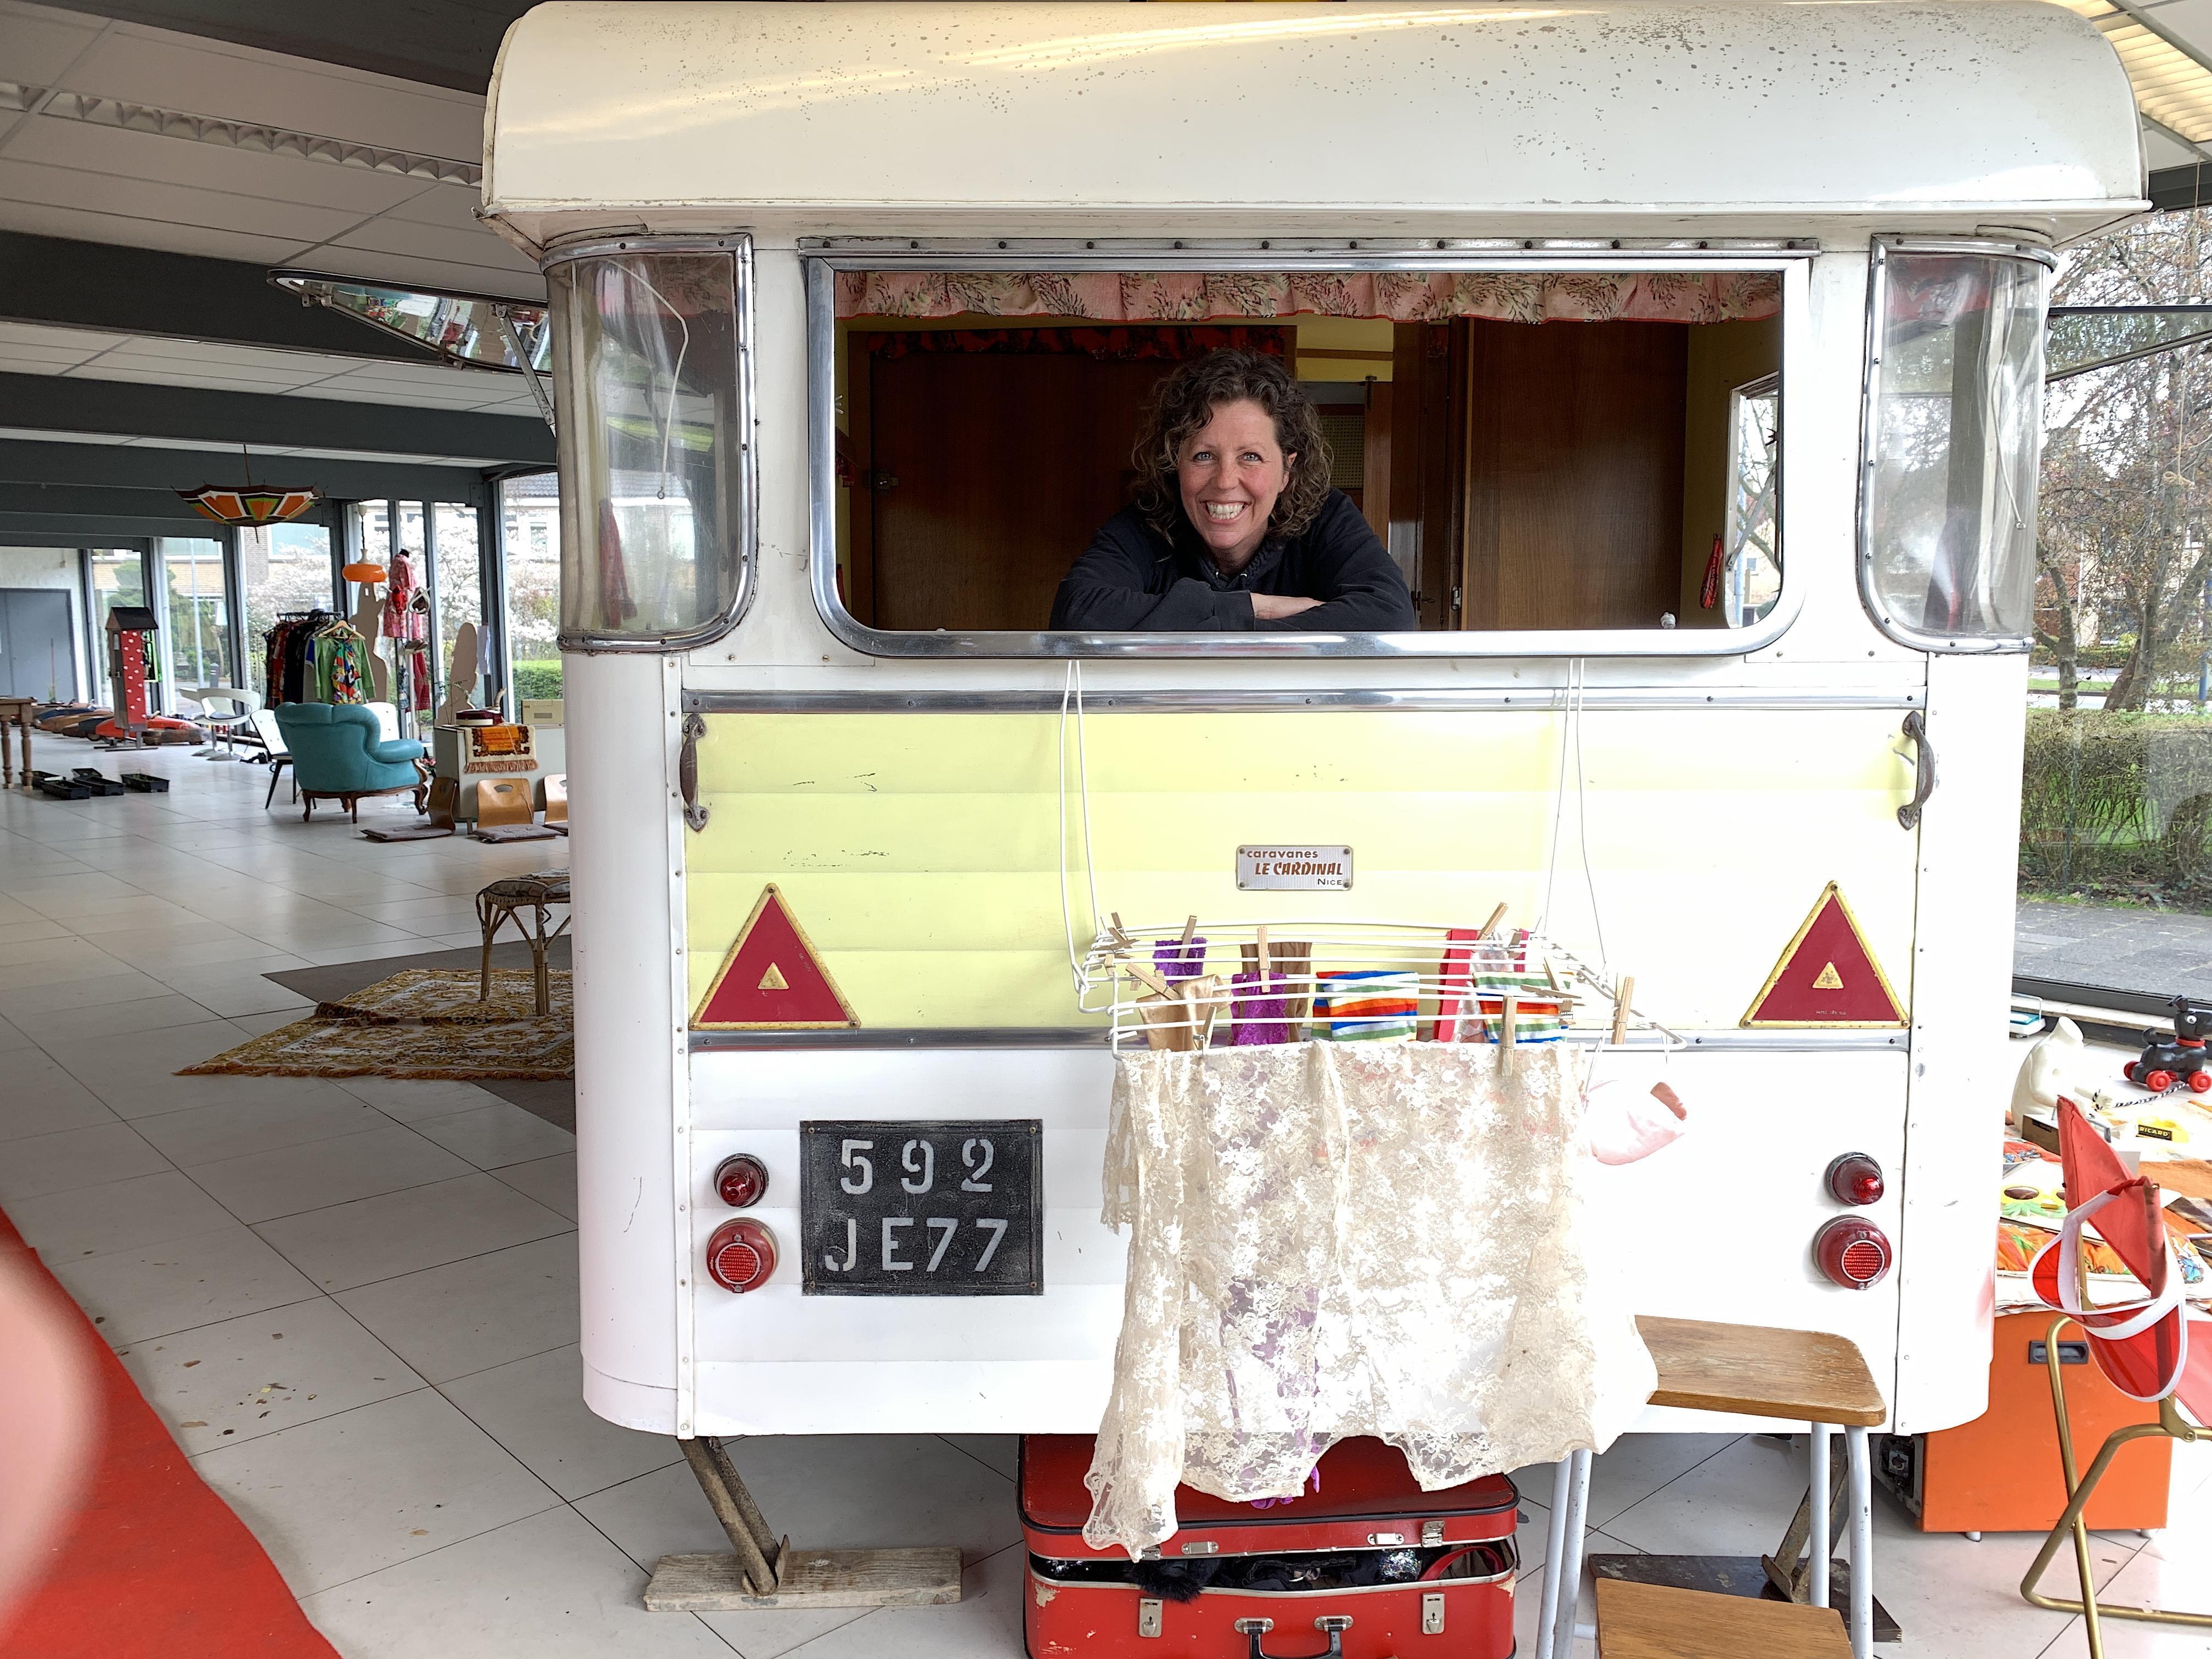 'Ik wil dingen redden van de moderne ondergang,' zegt de 42-jarige Annuska over haar bedrijfje 'Madame Caravane', een handel in retro-caravans